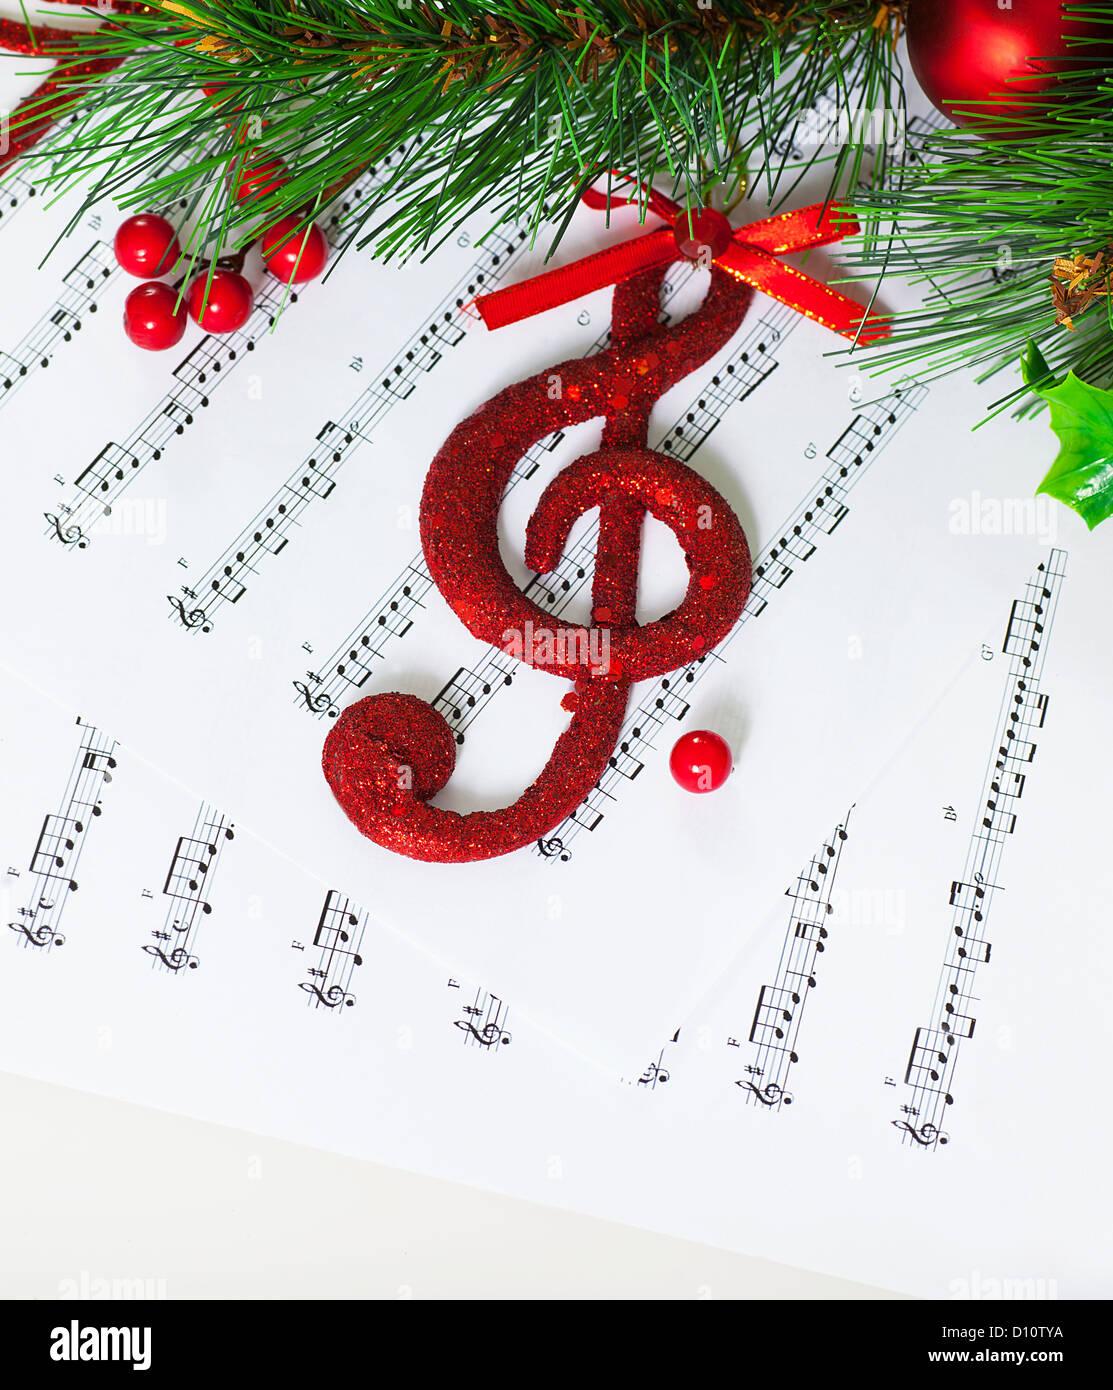 Image de f te rouge cl de sol sur les notes papier no l - Sapin de noel en anglais ...